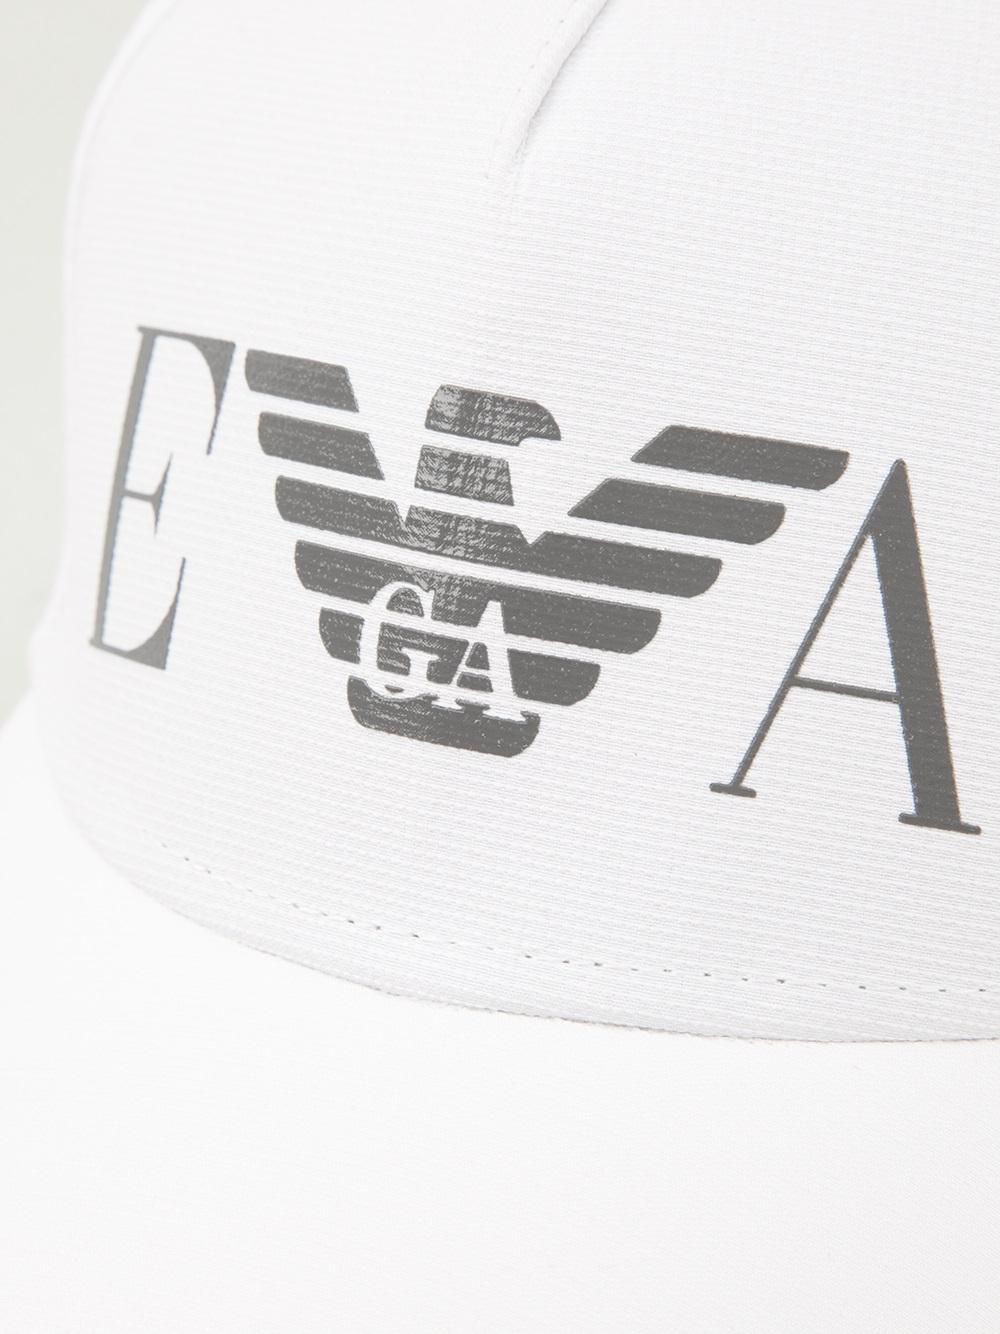 Lyst emporio armani logo cap in white for men - Emporio giorgio armani logo ...